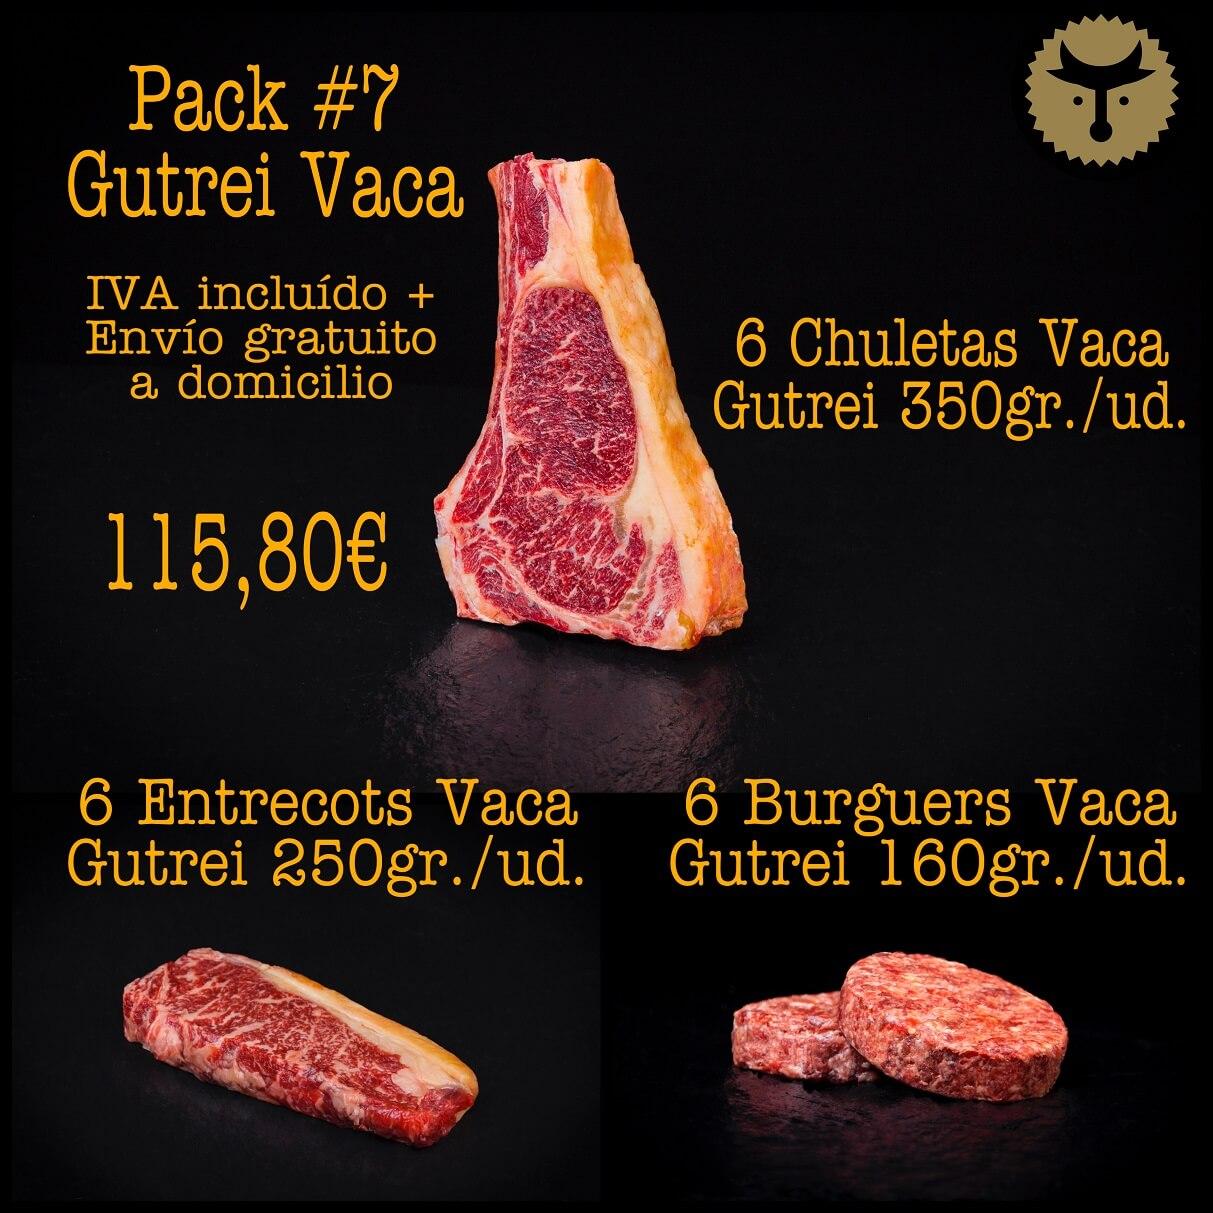 Pack 7 Vaca Gutrei online